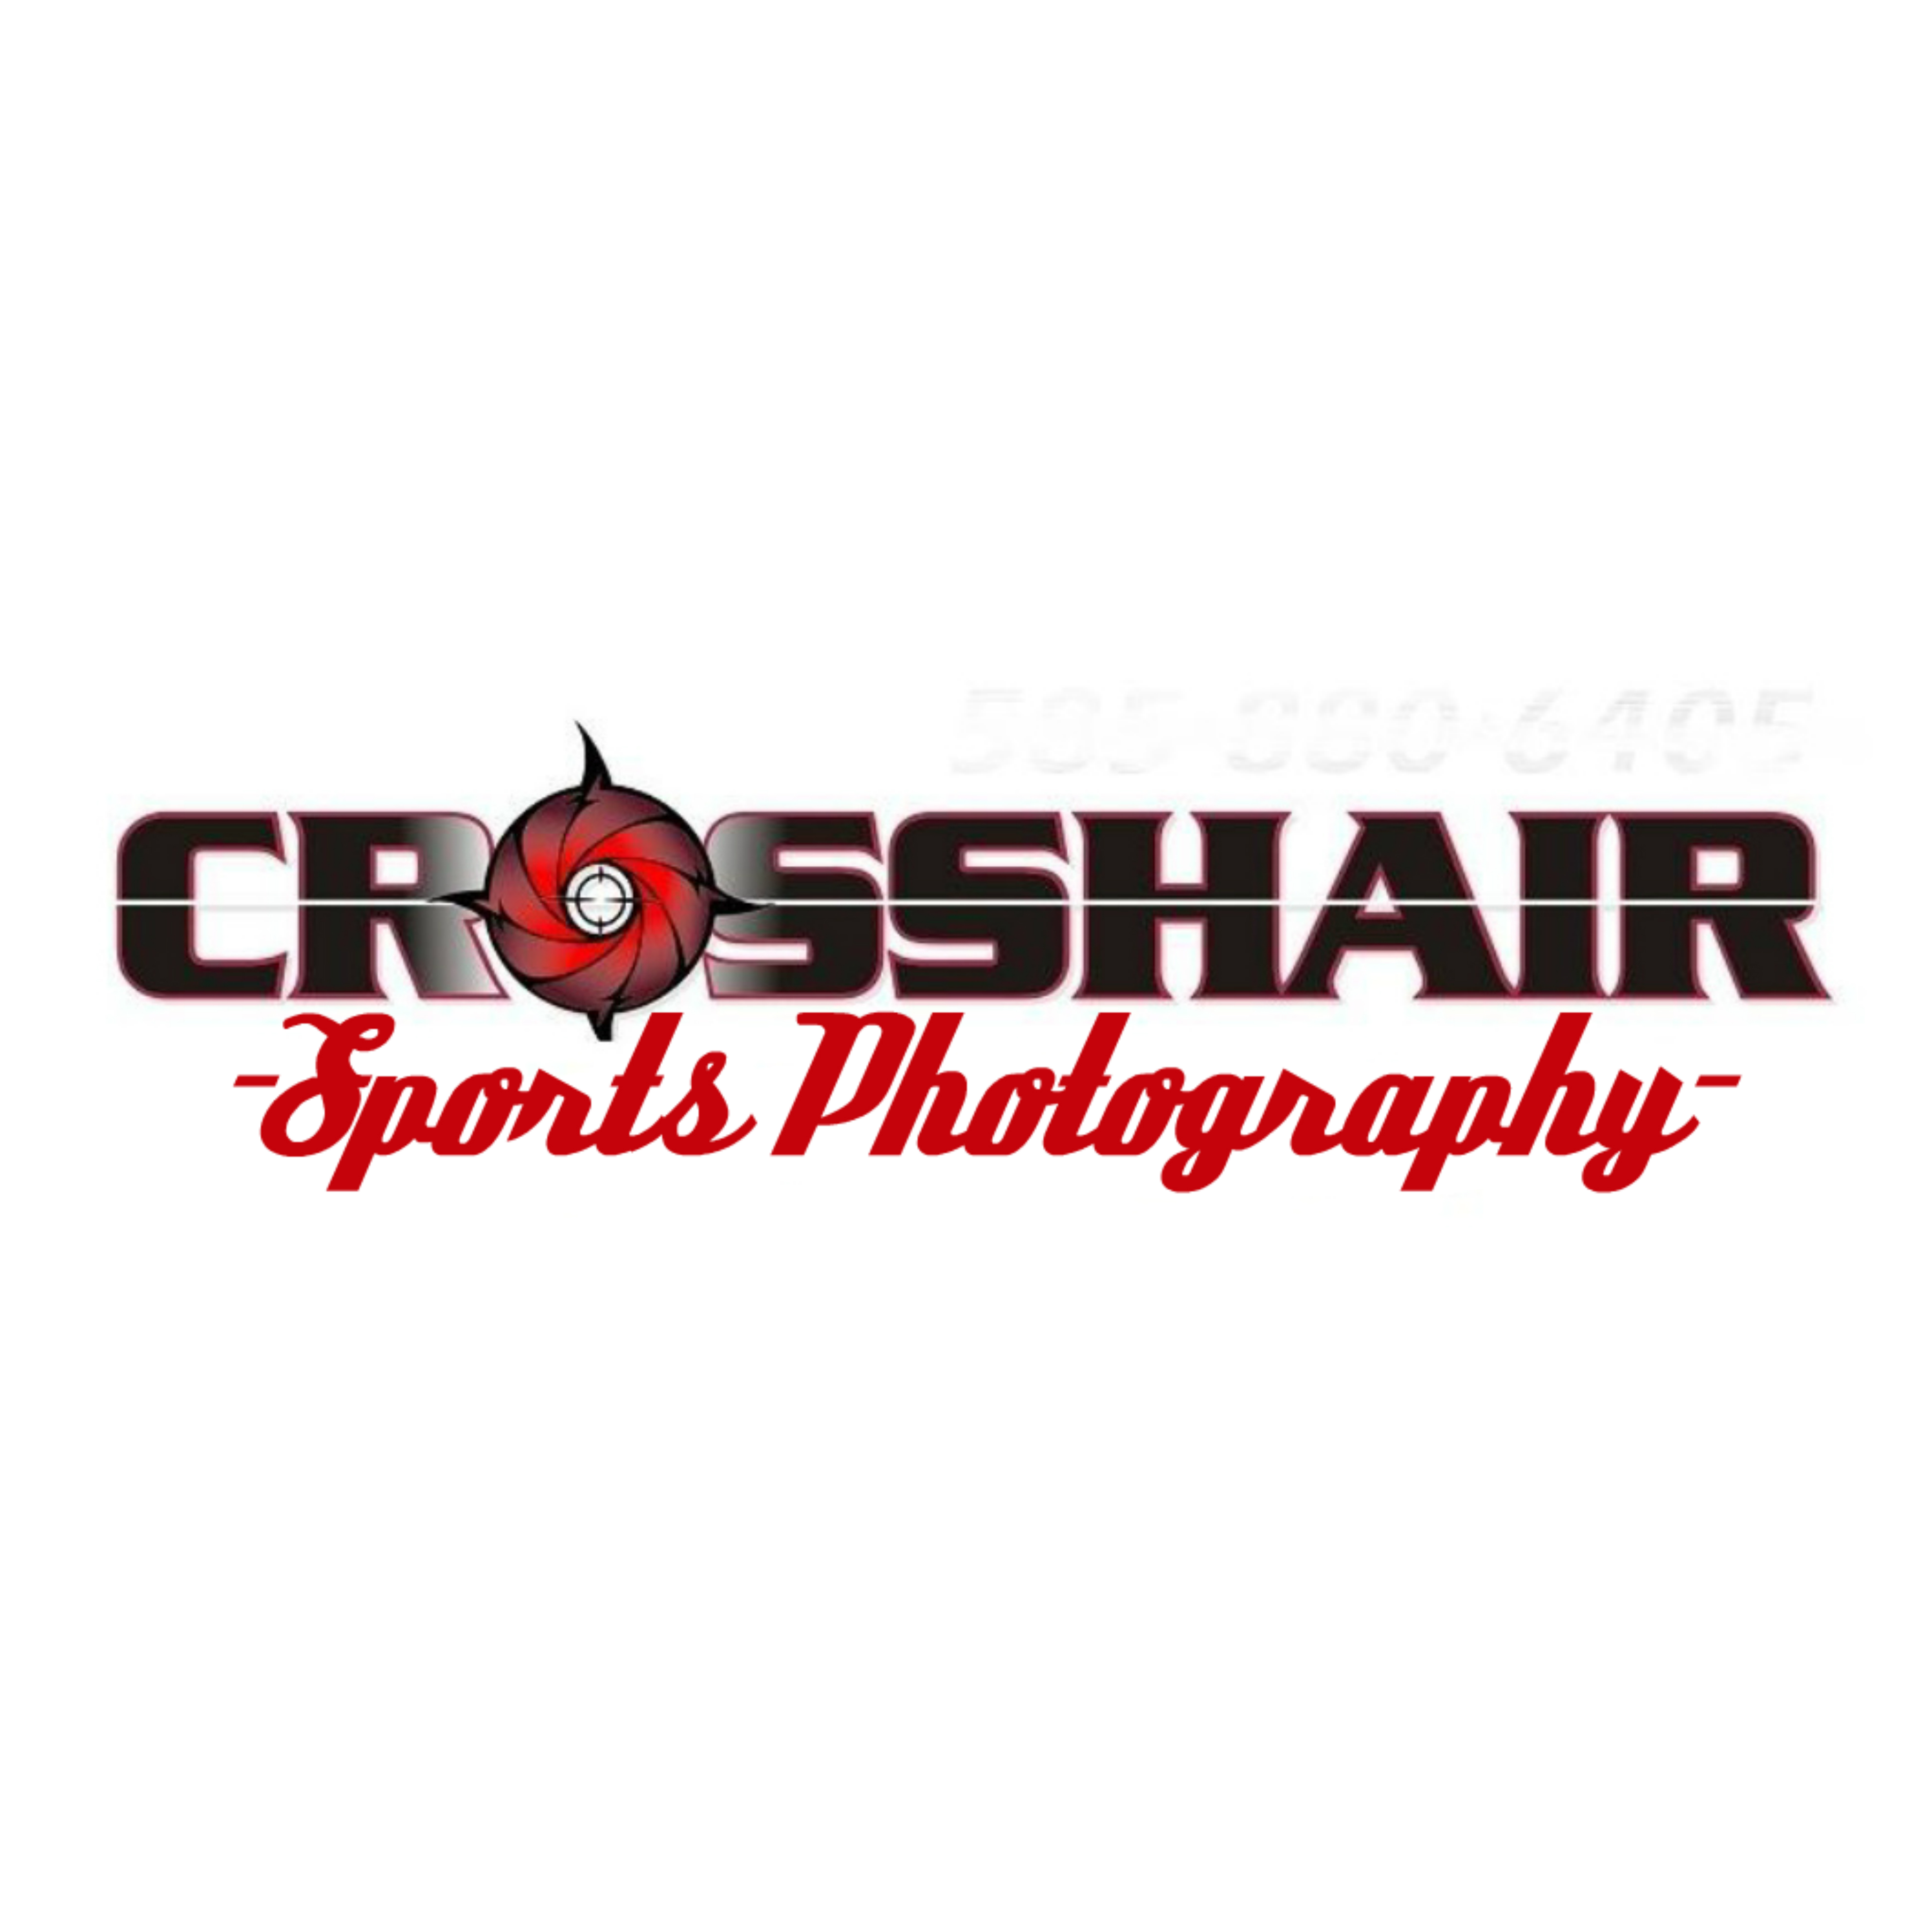 logo- large file.jpg